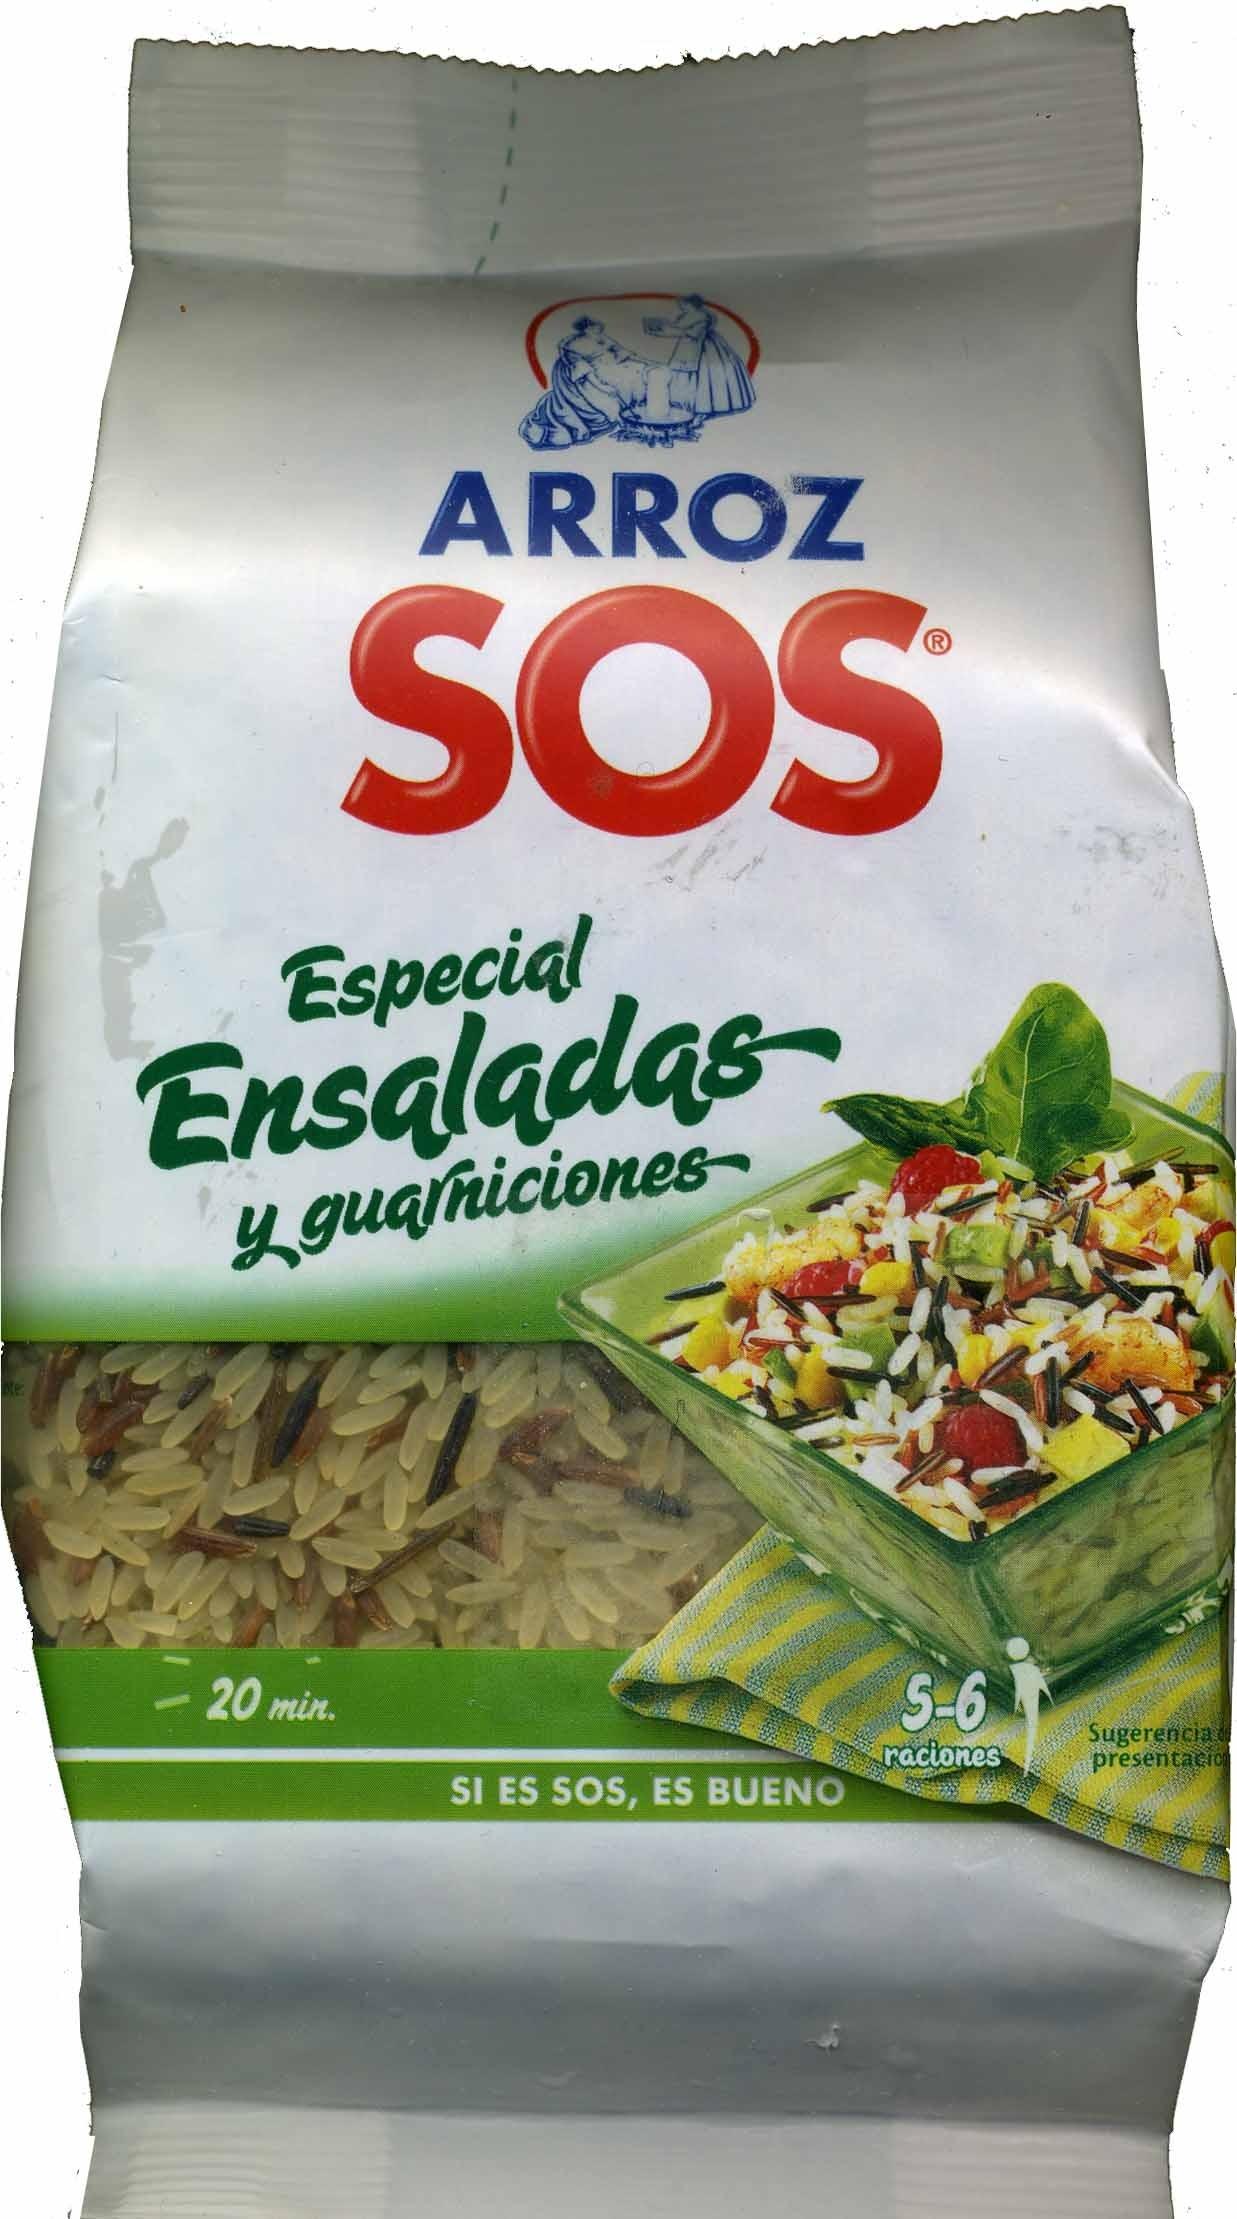 Arroz especial ensaladas y guarniciones paquete 500 g - Producte - es